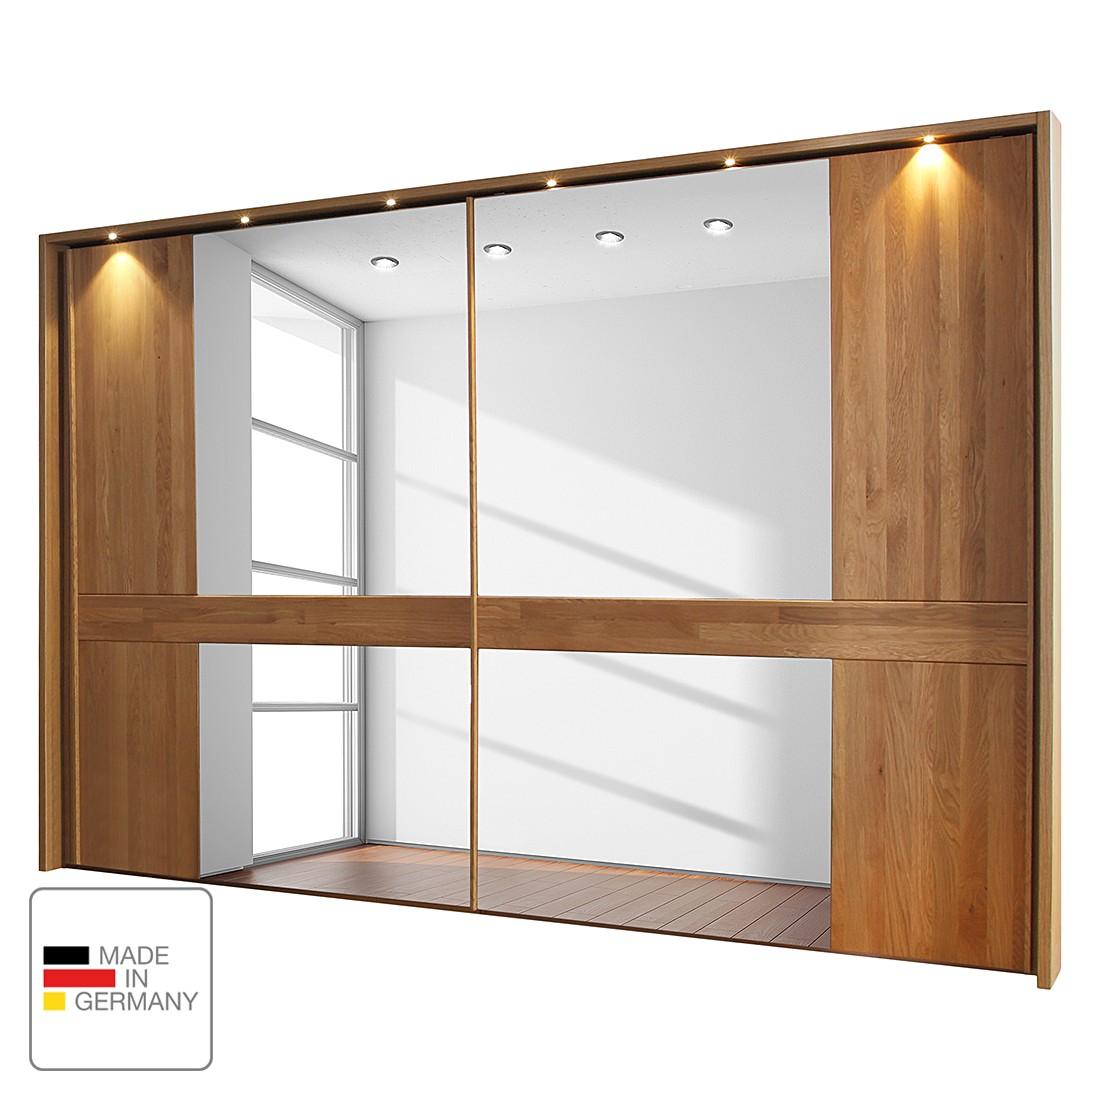 EEK A+, Armoire à portes coulissantes Faro - Chêne partiellement massif verni - 250 cm (2 portes) -